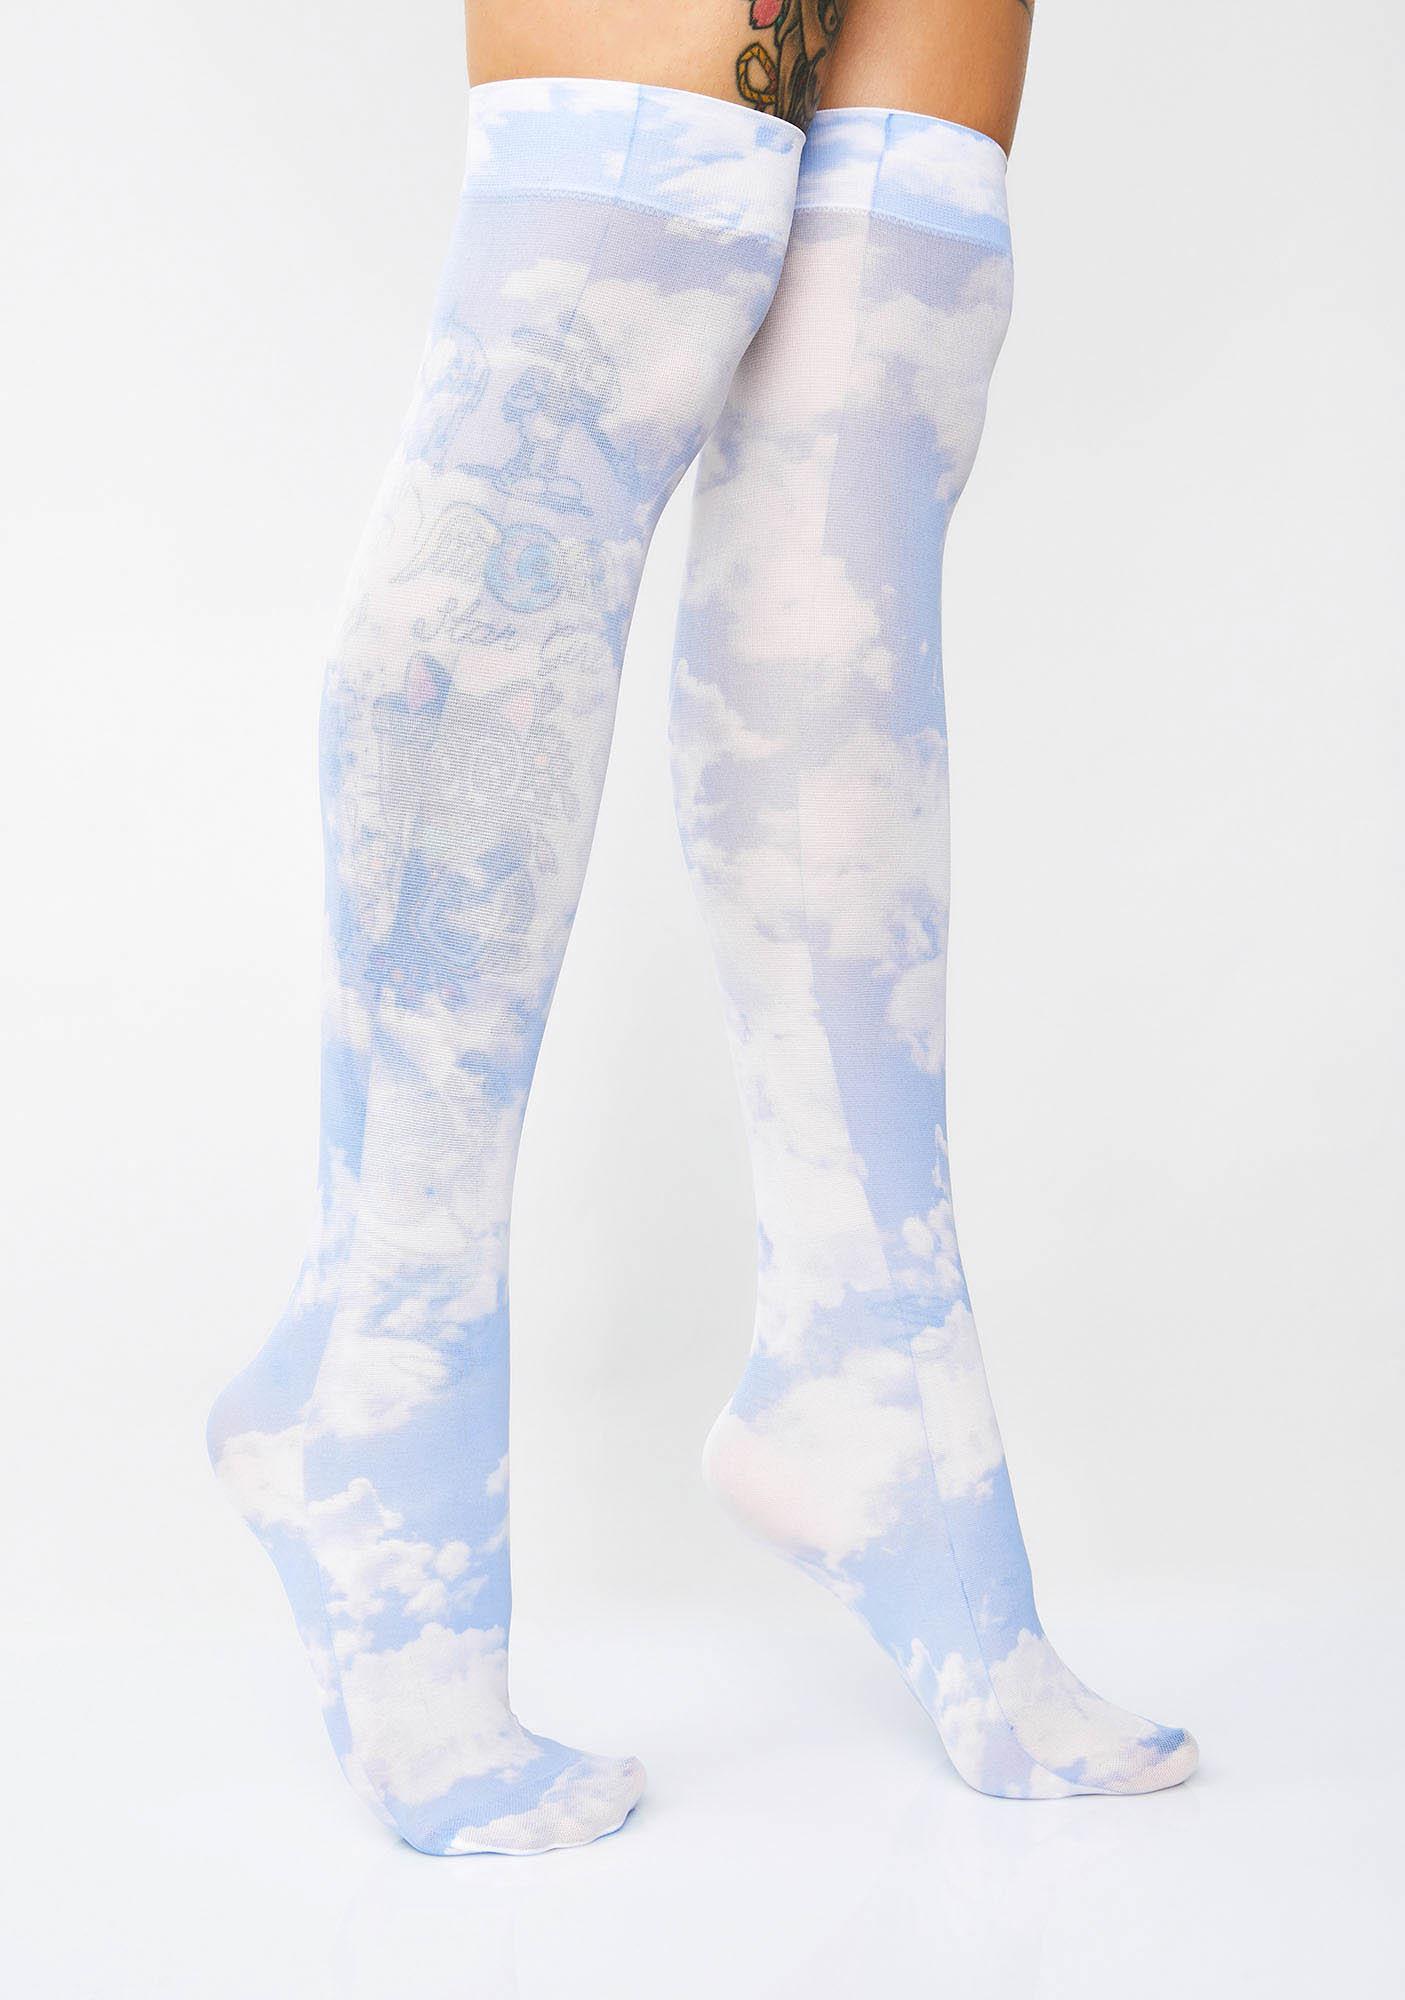 Heaven's Angel Over The Knee Socks